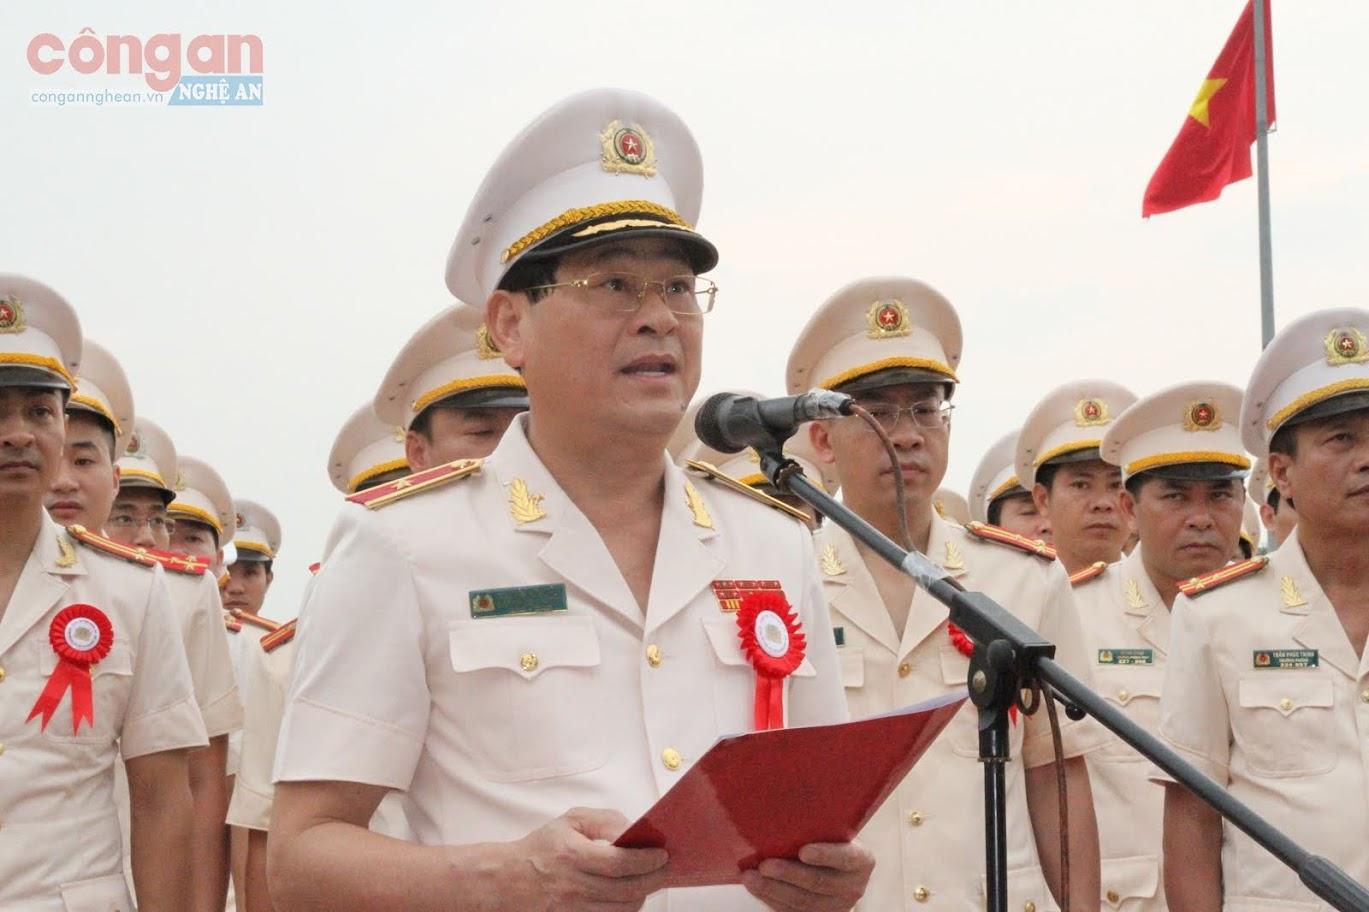 Đồng chí Thiếu tướng Nguyễn Hữu Cầu, Ủy viên BTV Tỉnh ủy, Giám đốc Công an tỉnh dâng hoa báo công lên Bác